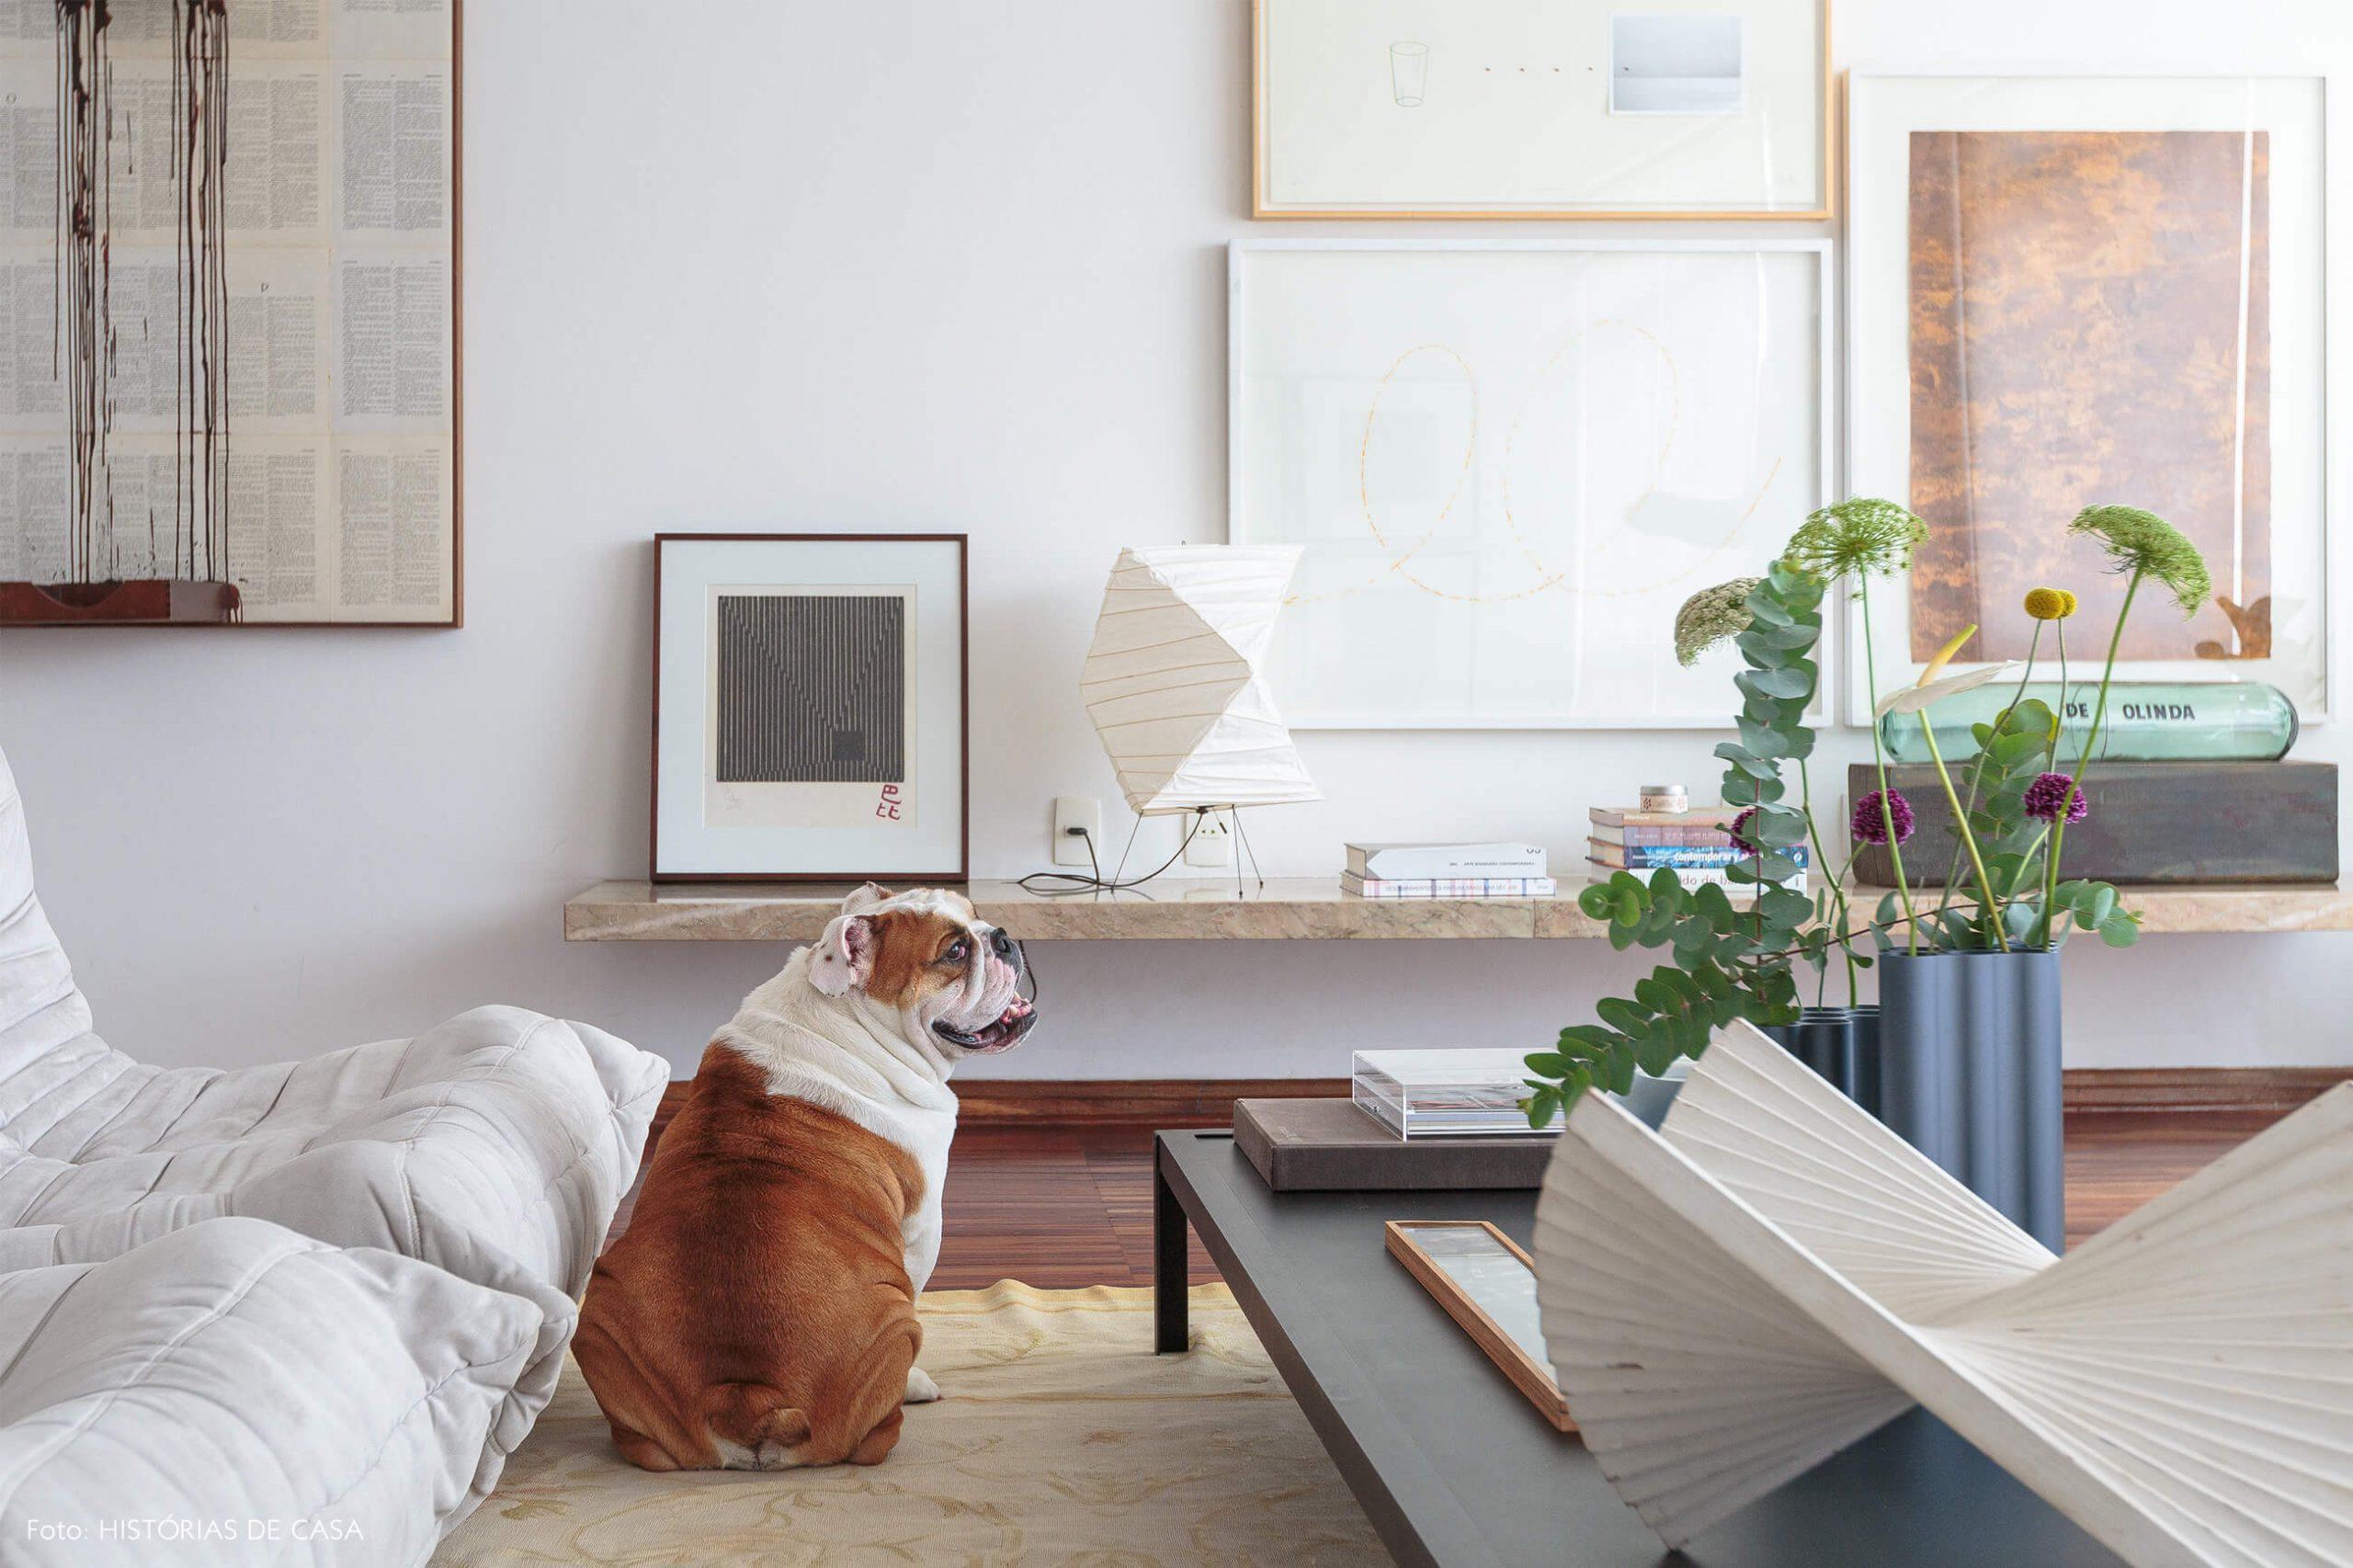 decoração cachorro na sala com obras de arte e luminarias de papel